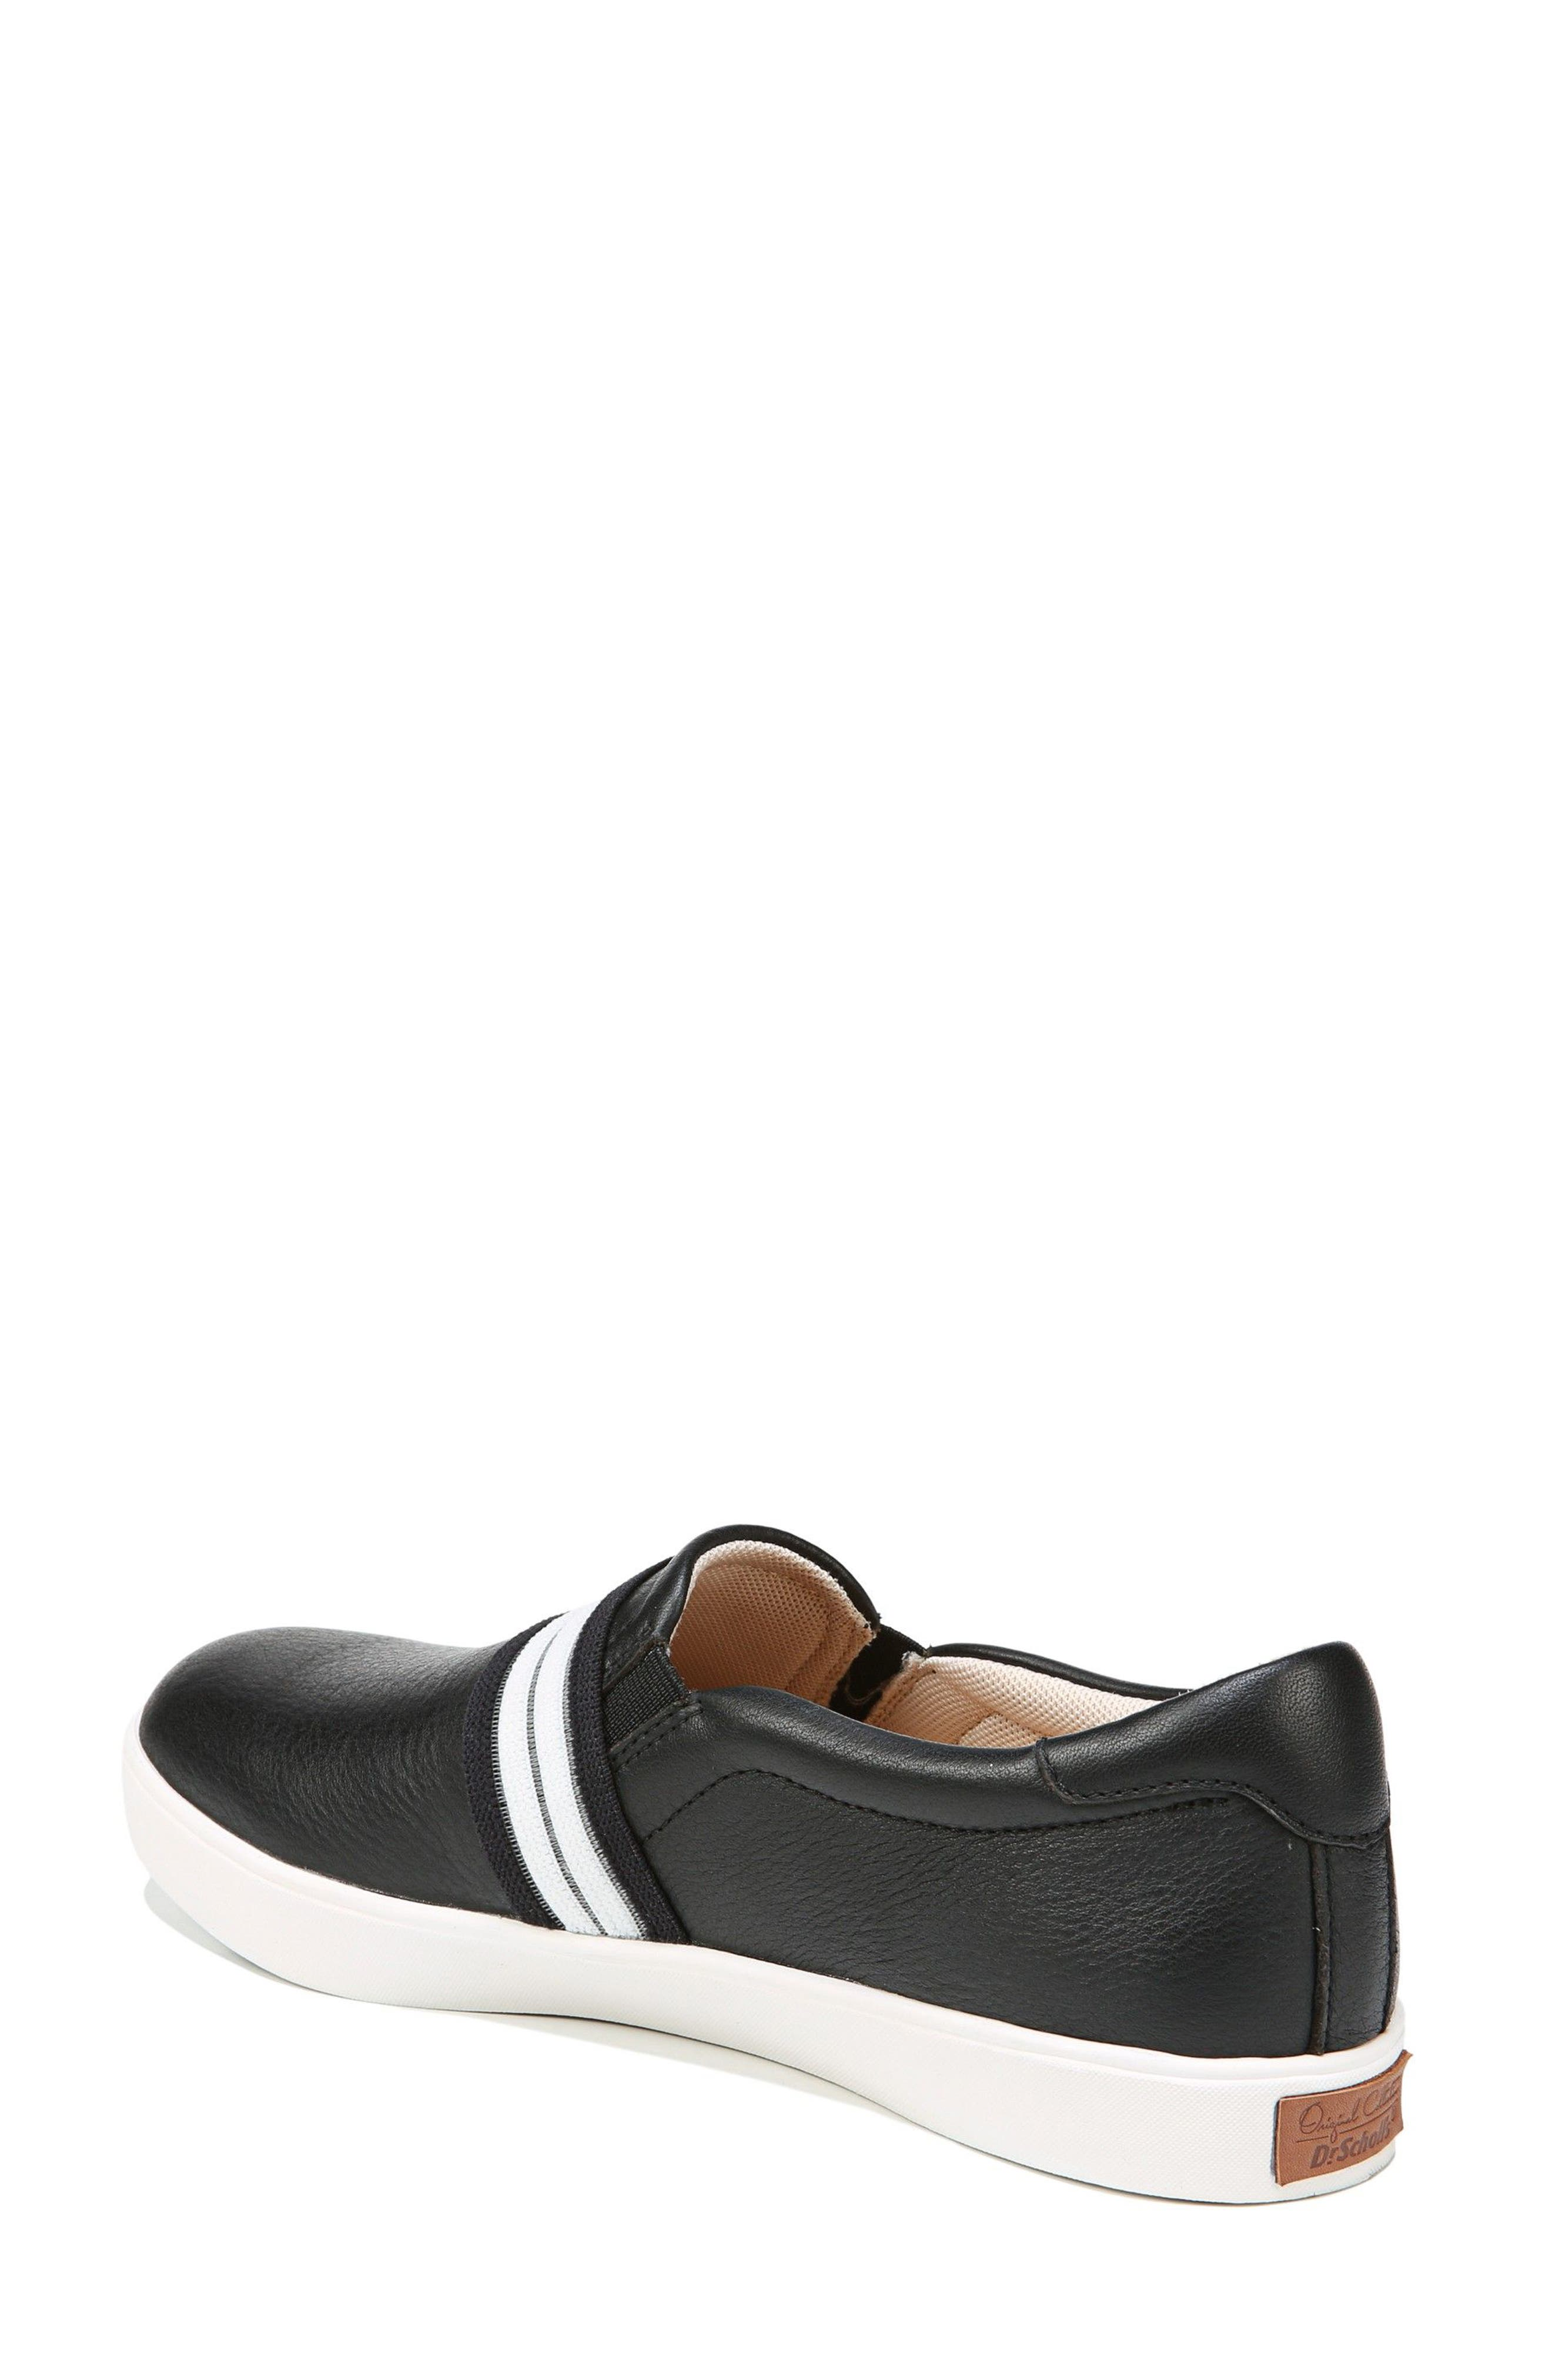 comfort doctor comfortshoeswordpress comforter com site photo shoes